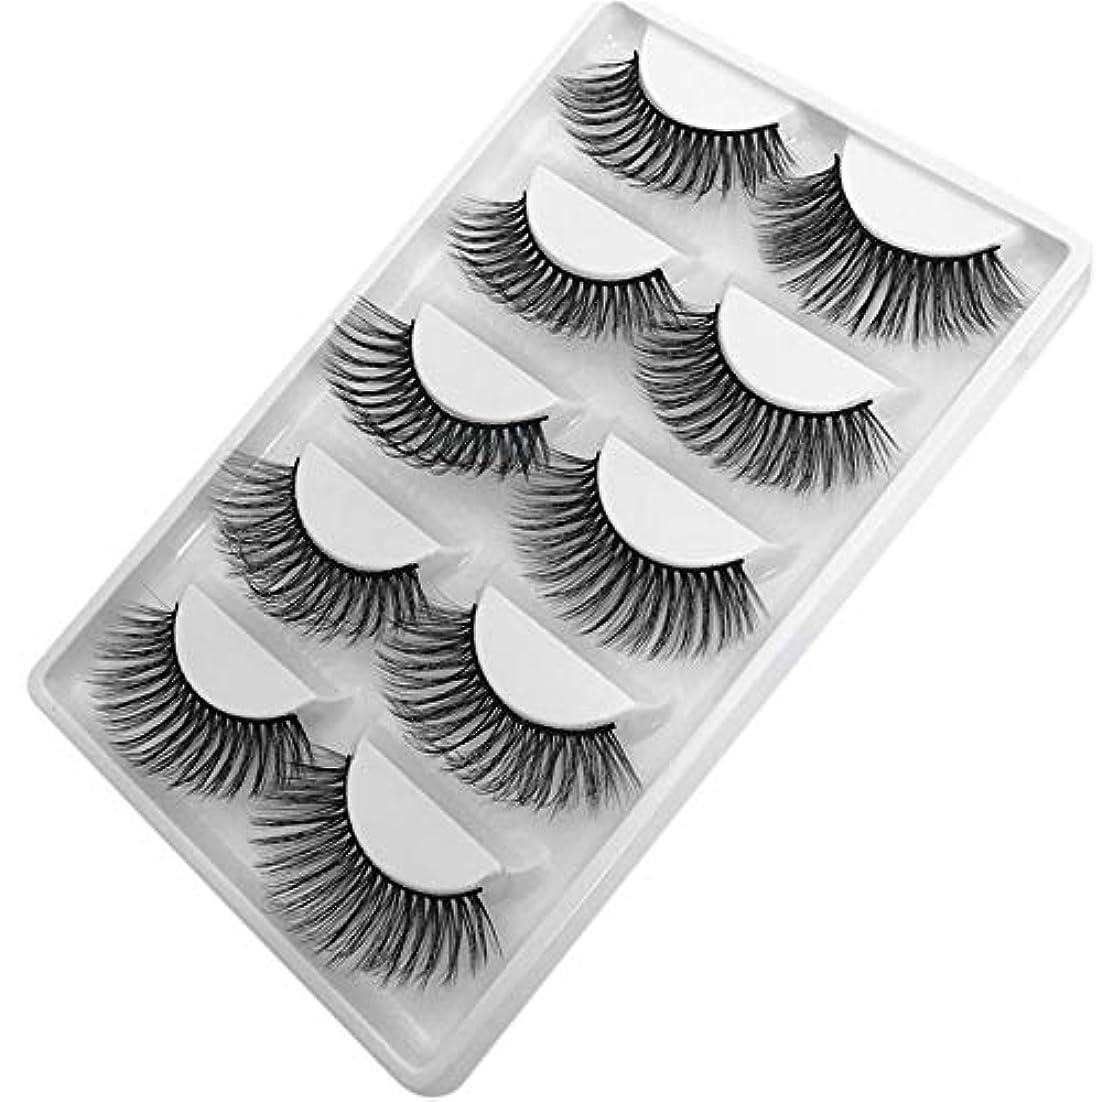 フットボールインペリアル虚栄心Feteso 5組 まつげセット 偽の3Dつけまつげ 魅力的手作り 超極細素材 人気 ナチュラル 飾り 再利用可能 濃密 超濃密 自然セット やわらかい Eyelashes 高品質